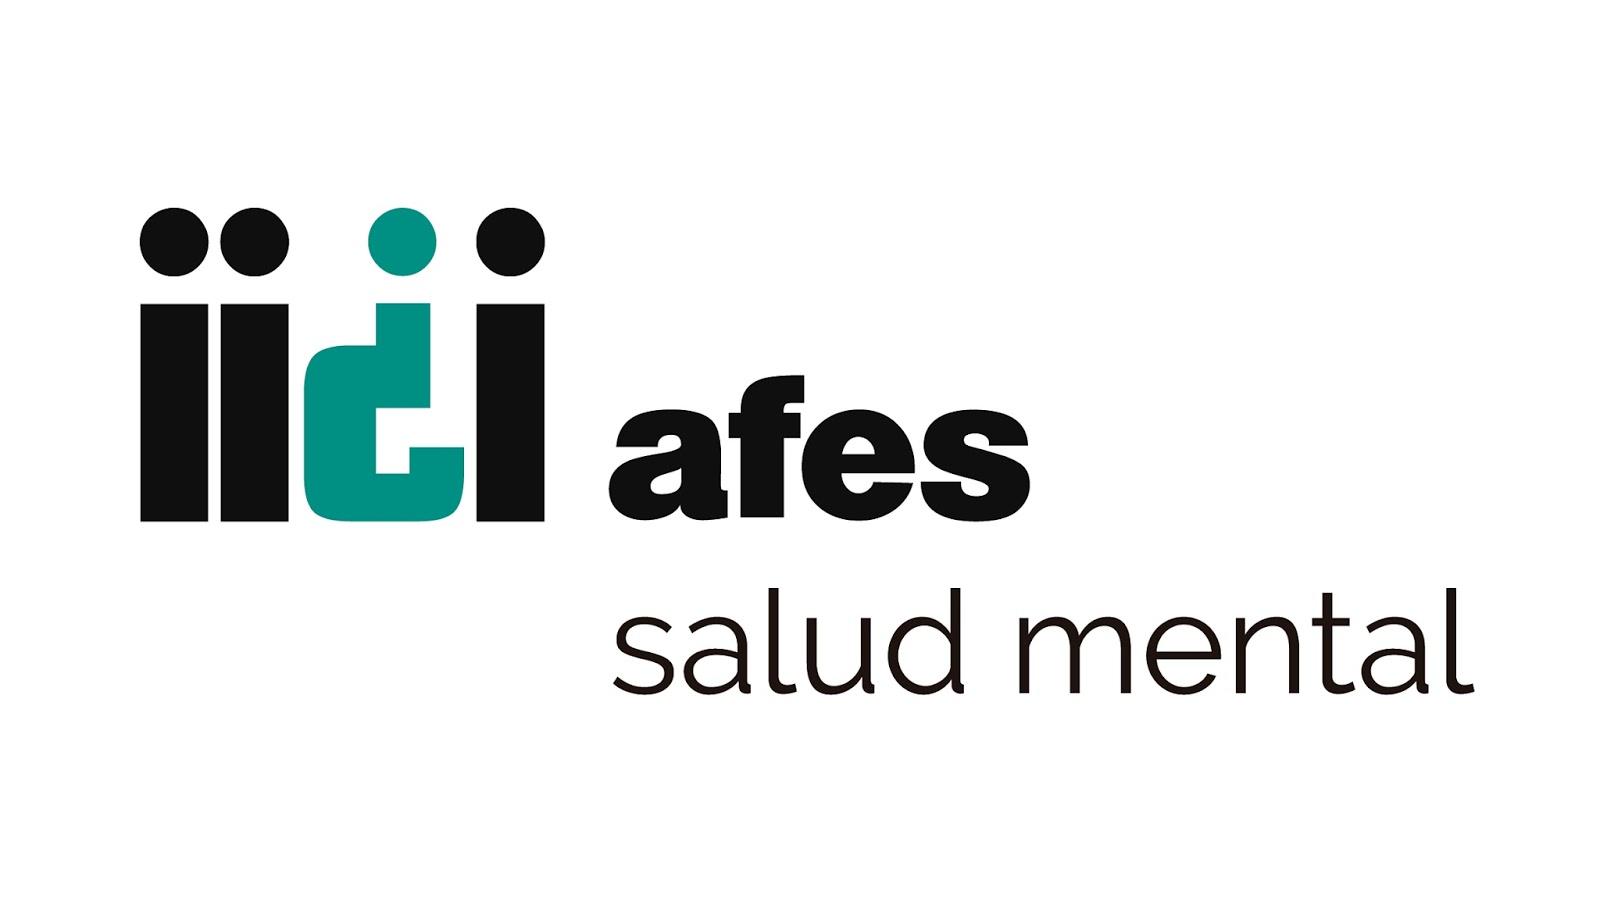 AFES Salud Mental